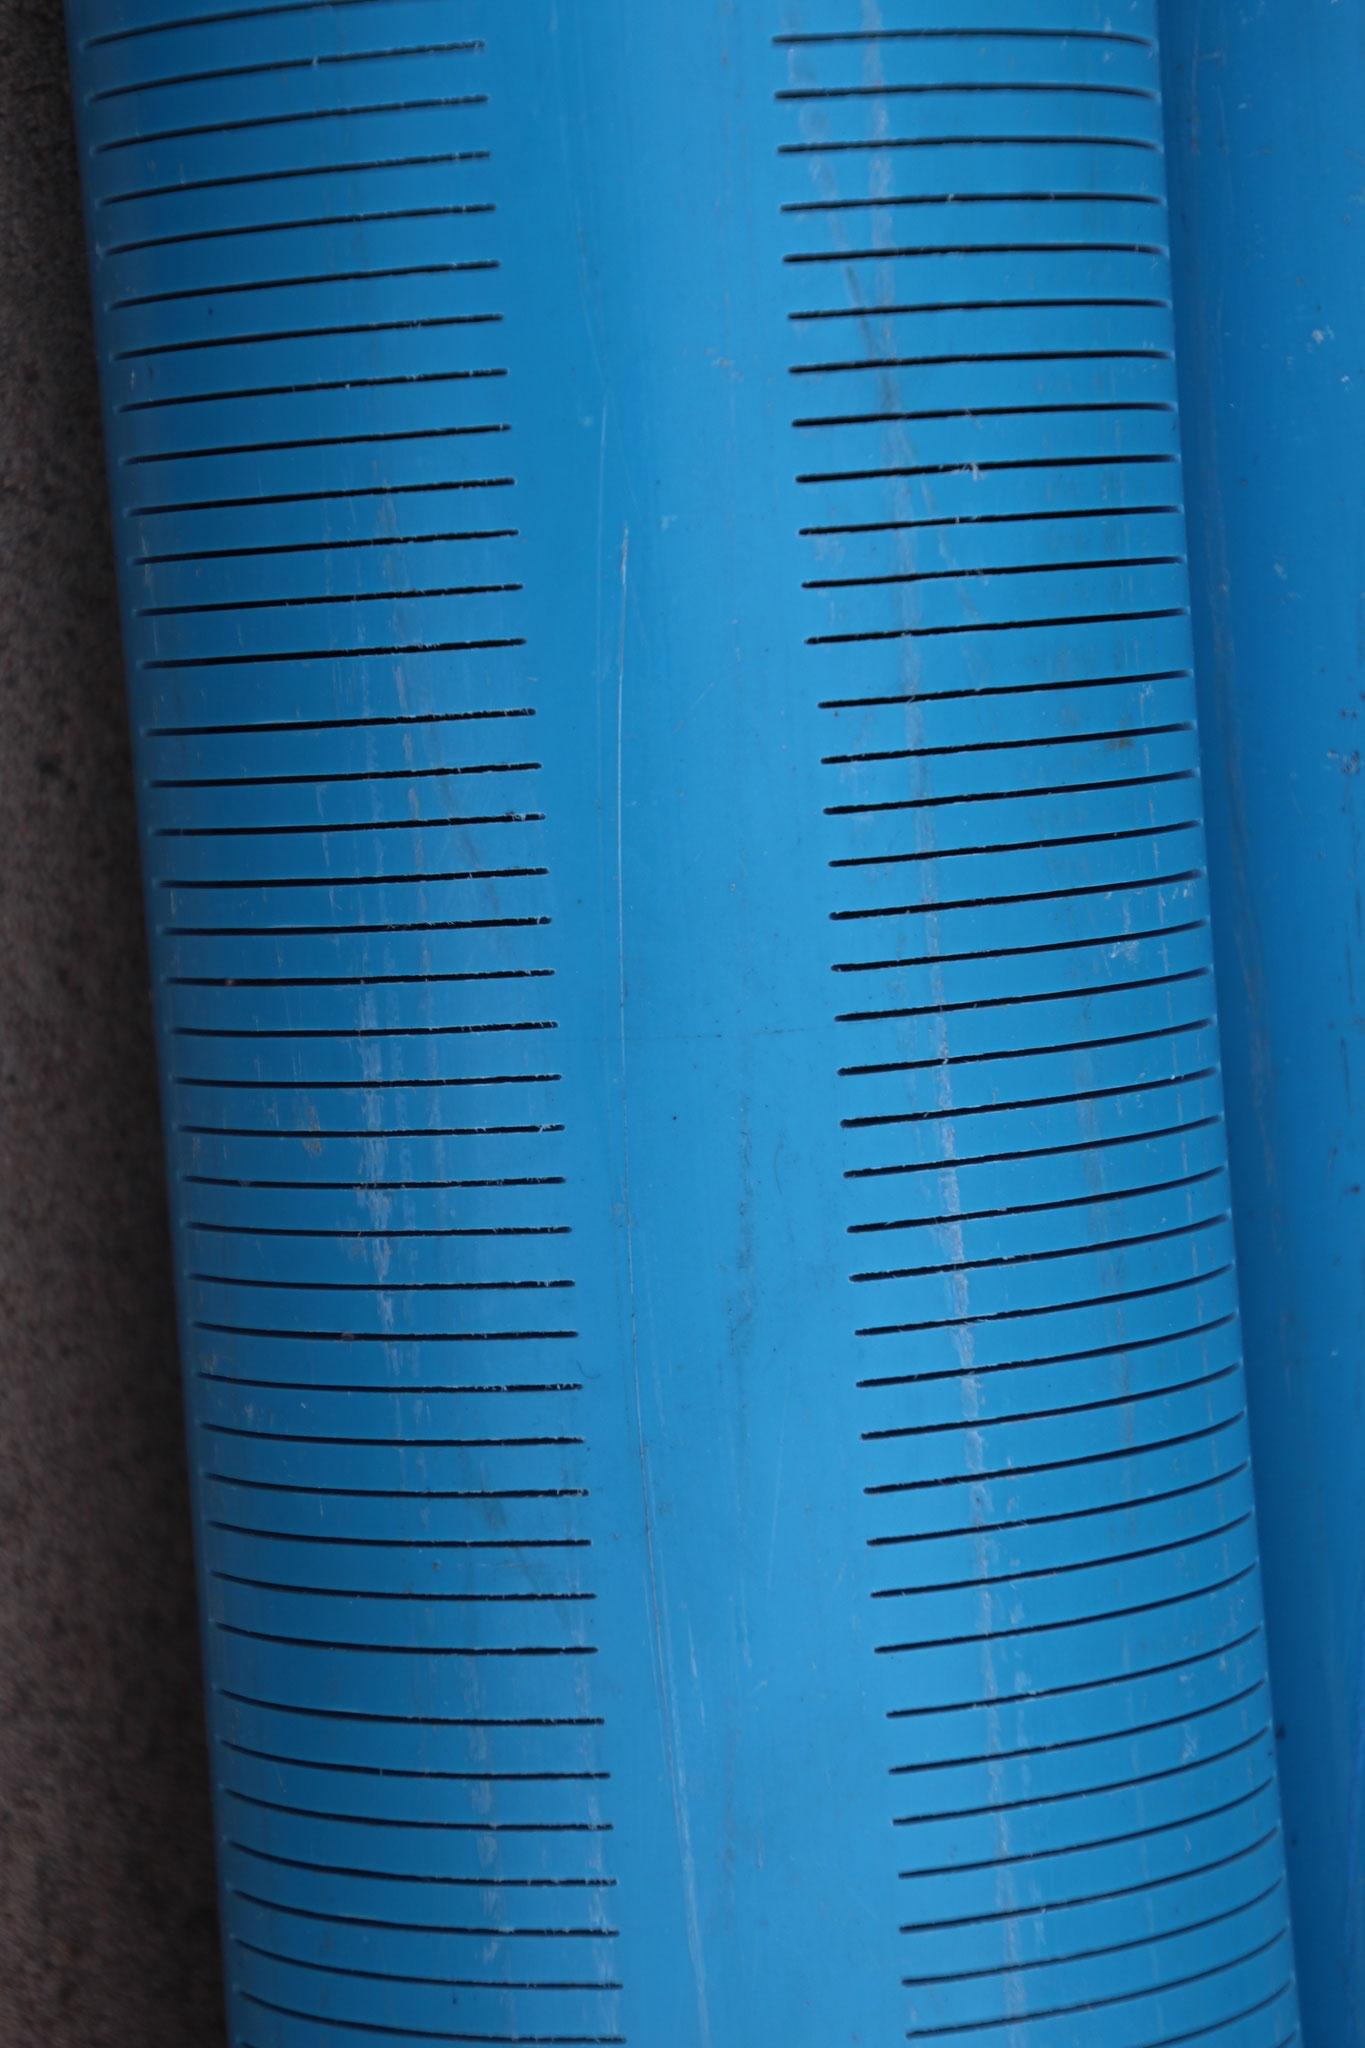 16.12.2016 Nur die untersten sechs Meter des blauen Rohres haben solche Schlitze. Dies Garantiert, dass das Wasser nur aus dieser Zone kommt.